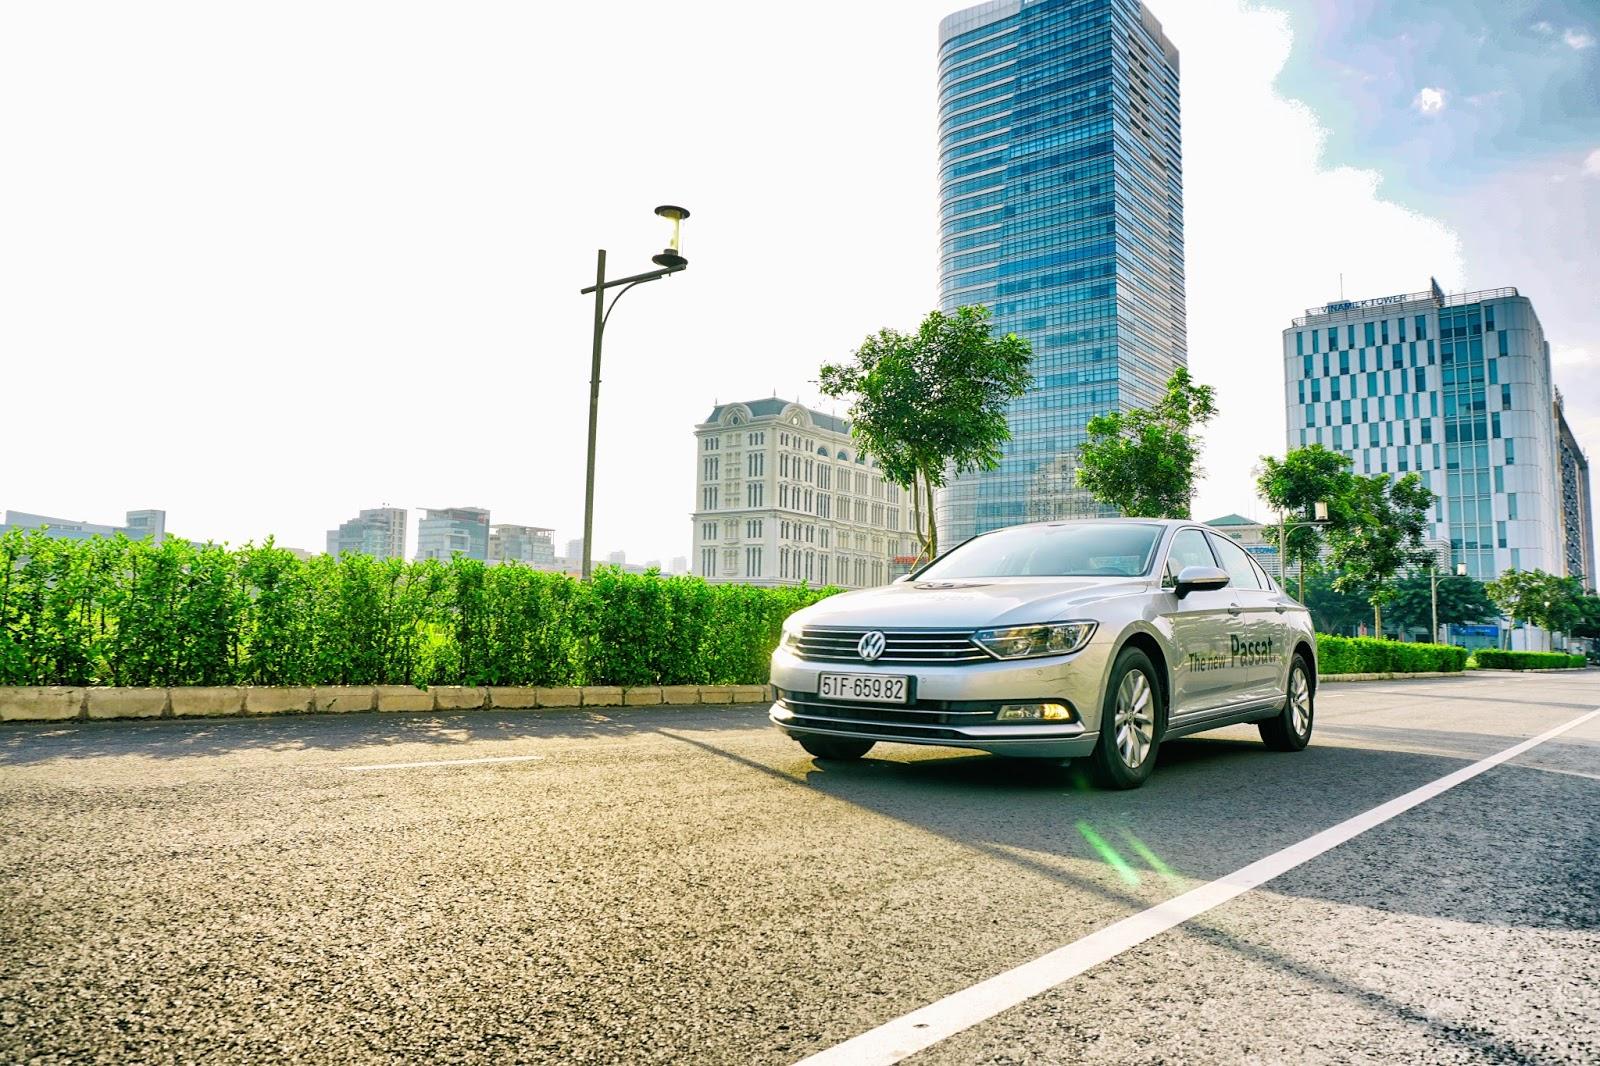 Volkswagen Passat 2016 là lựa chọn quá tuyệt cho các dòng xe Đức giá rẻ